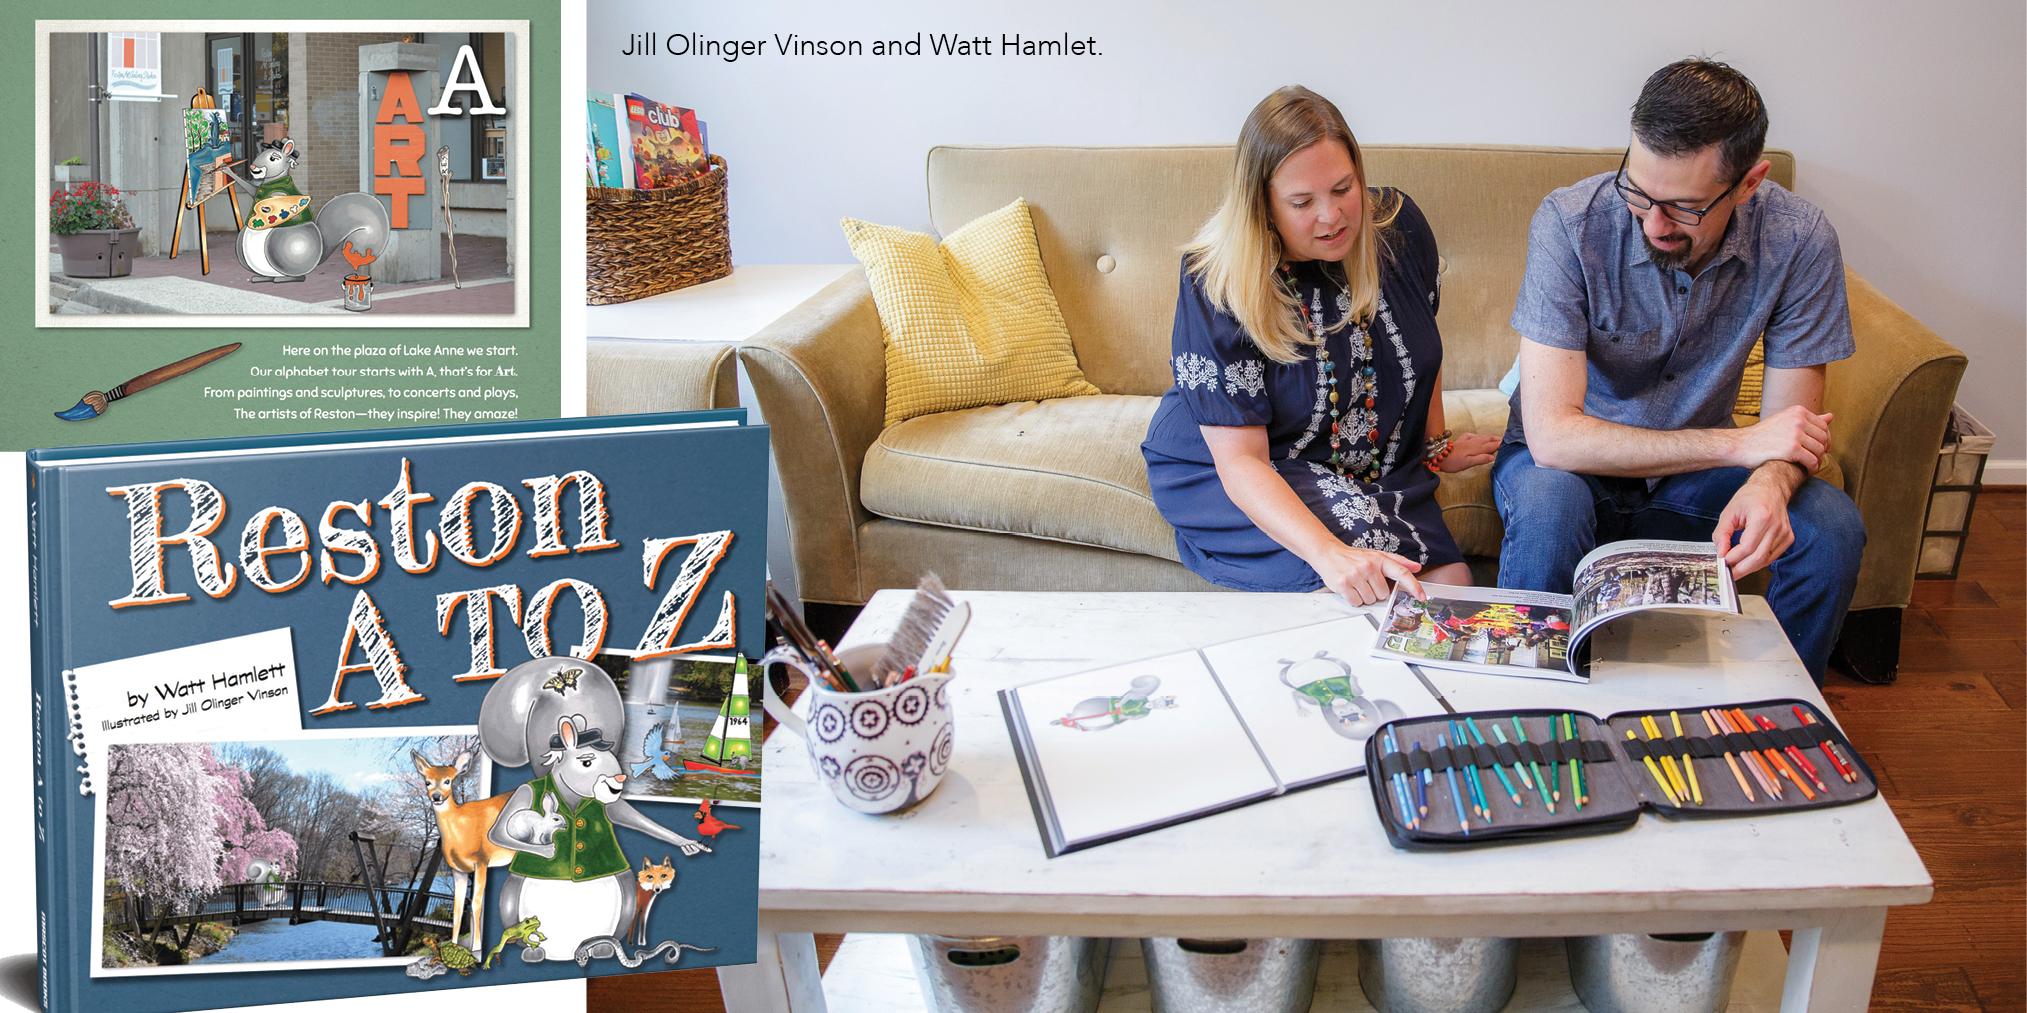 Reston A to Z illustrated by Jill Olinger Vinson andwritten by Watt Hamlet.